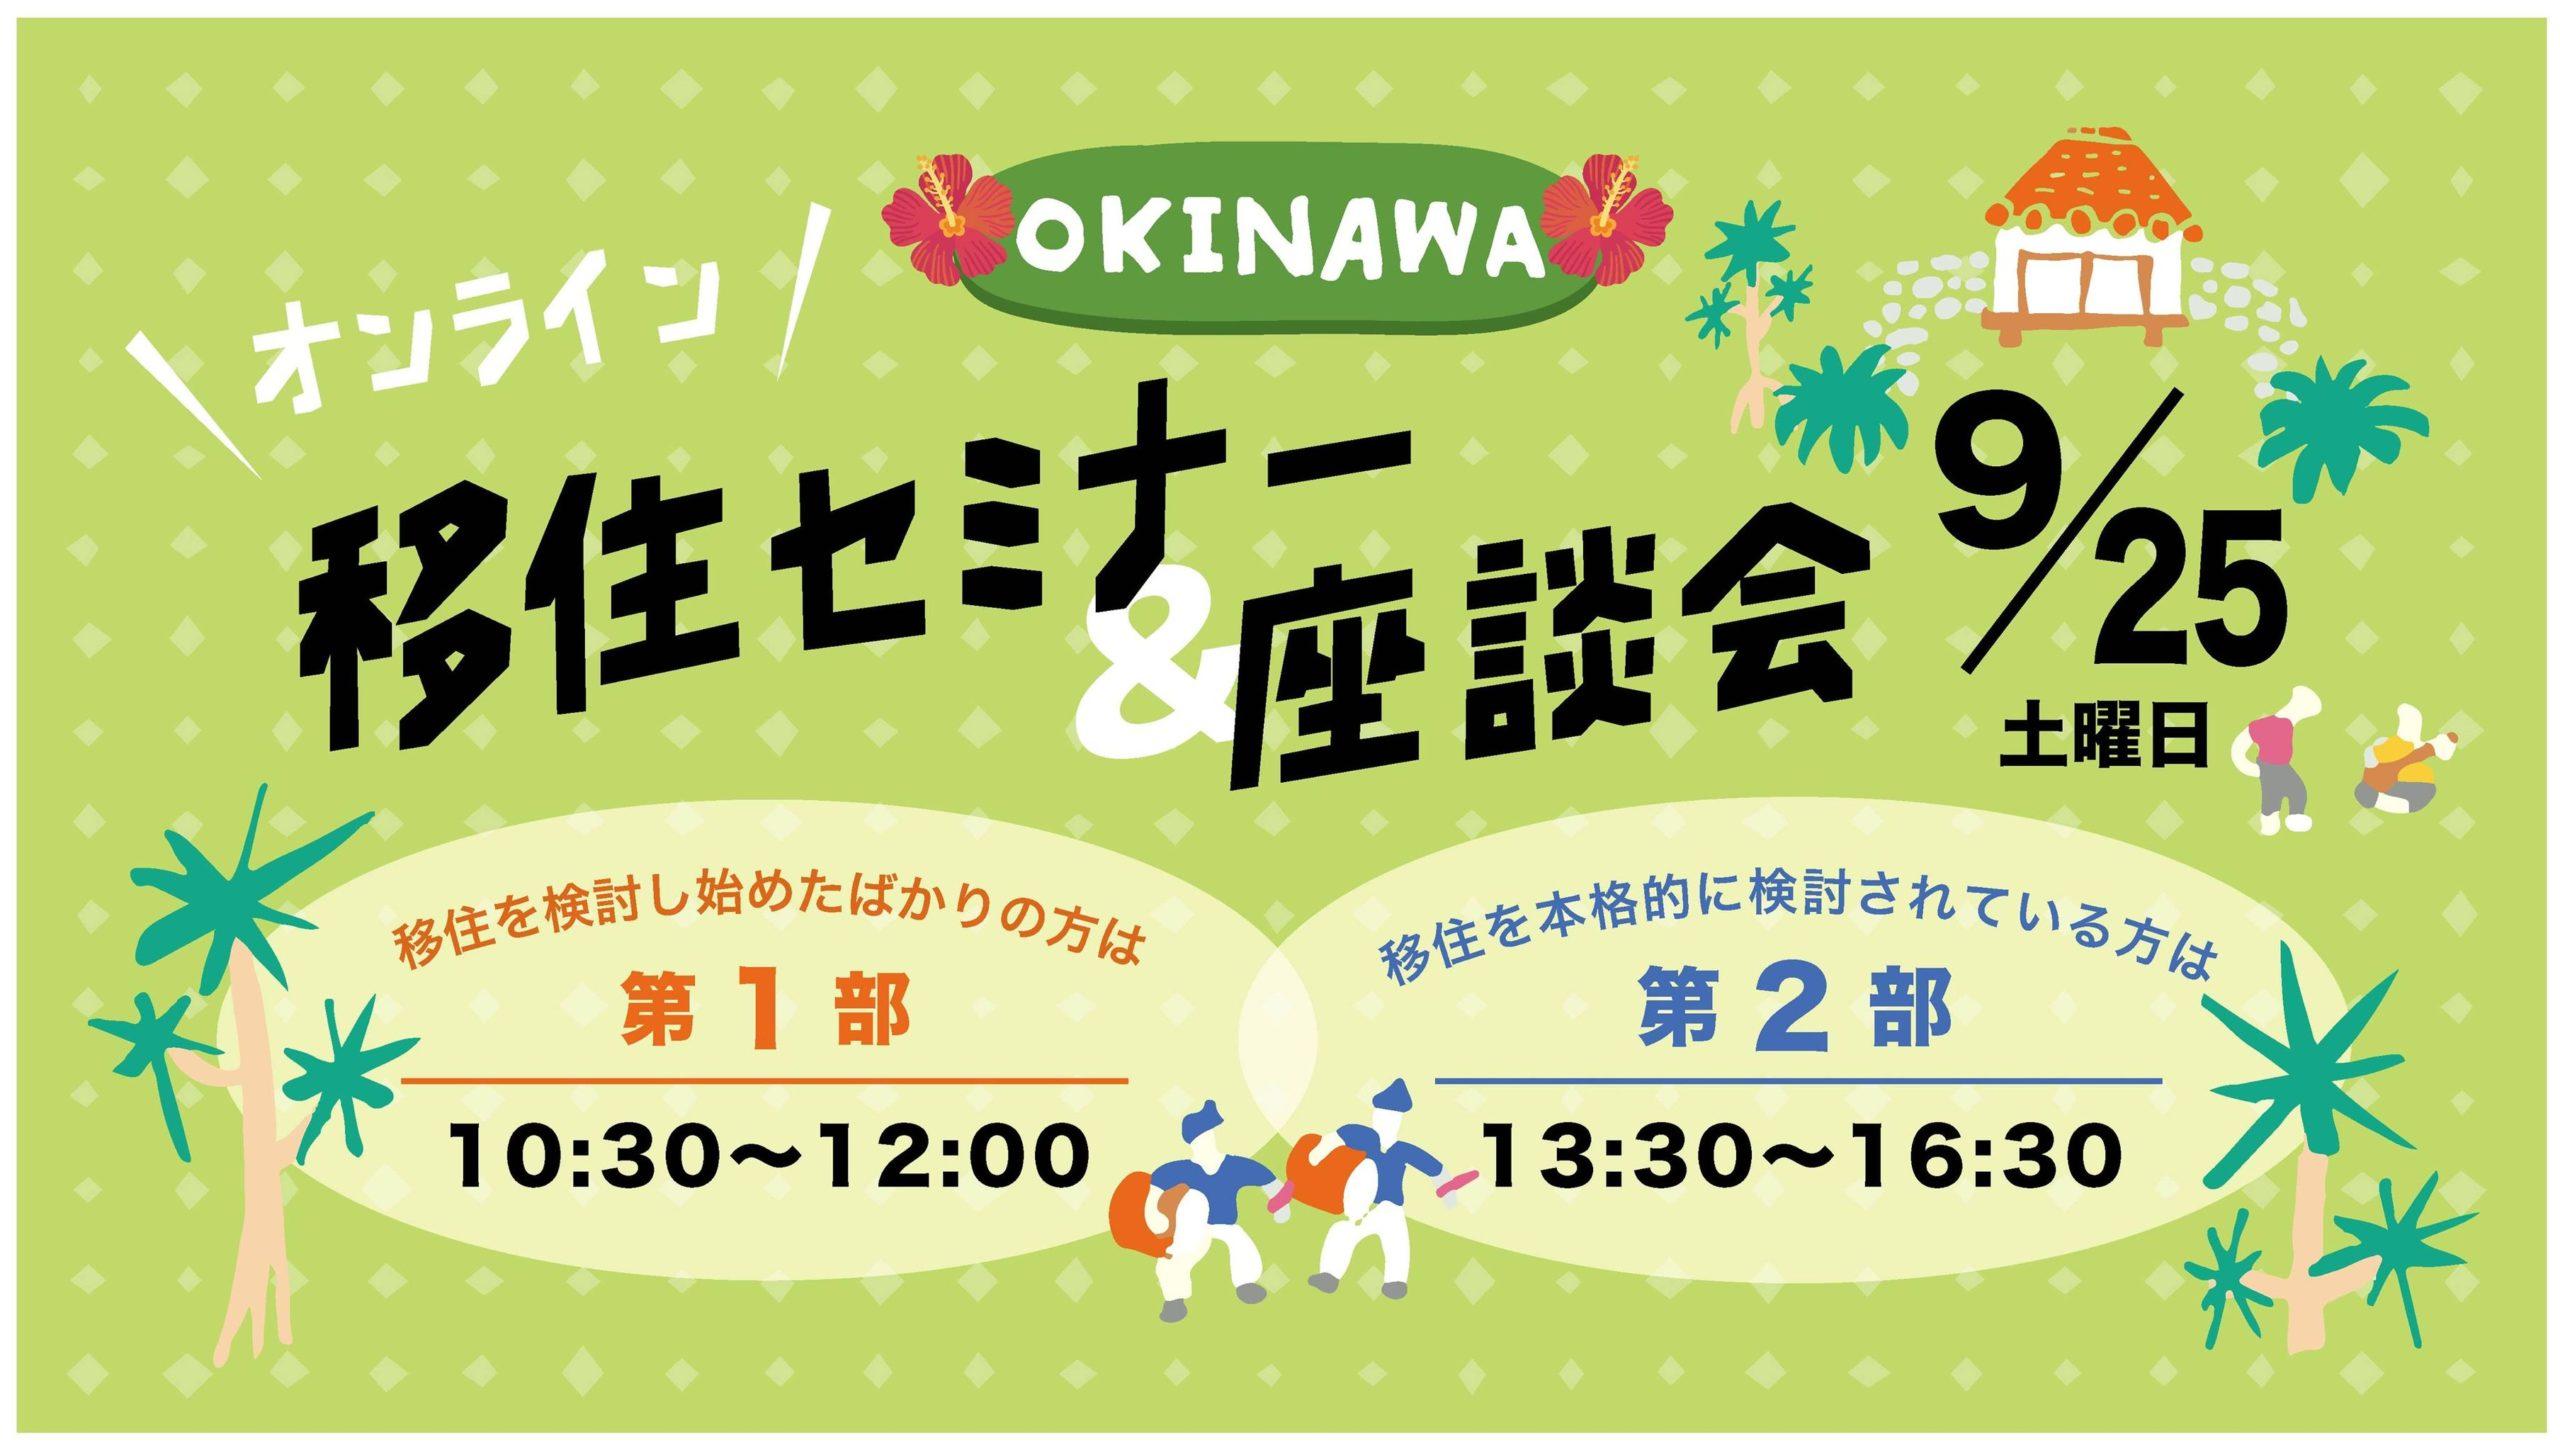 9月25日(土)開催!沖縄オンライン移住セミナー&座談会